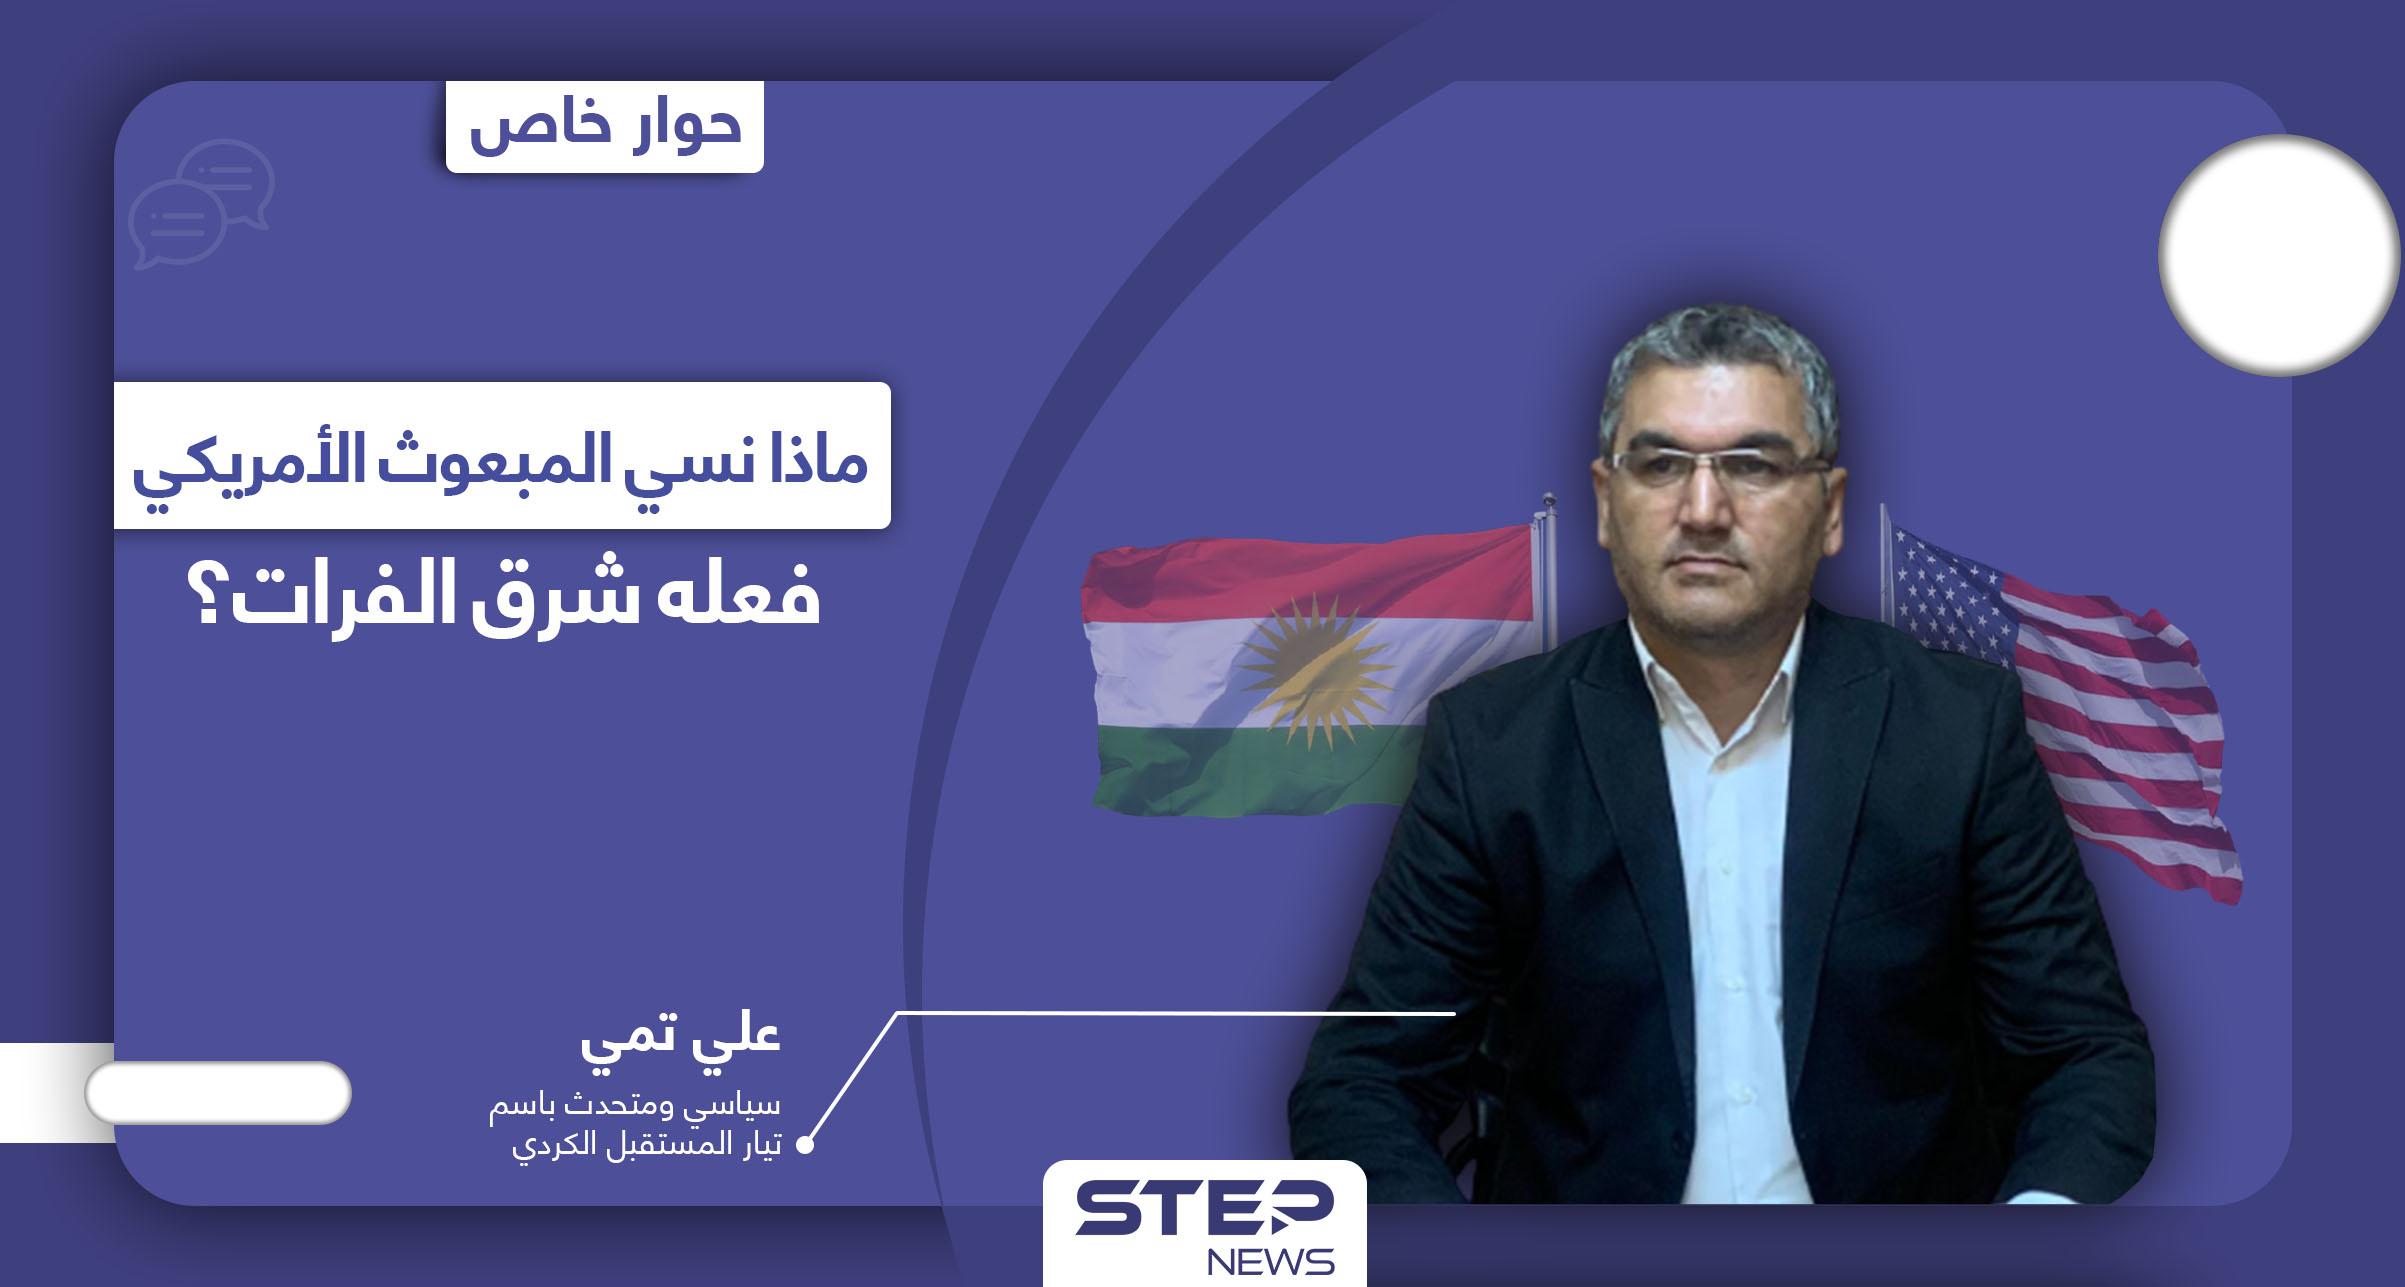 لماذا رفض المجلس الكردي الذهاب إلى باريس للقاء ماكرون.. ولِمَ ذهب المبعوث الأمريكي من سوريا إلى إقليم كردستان؟؟